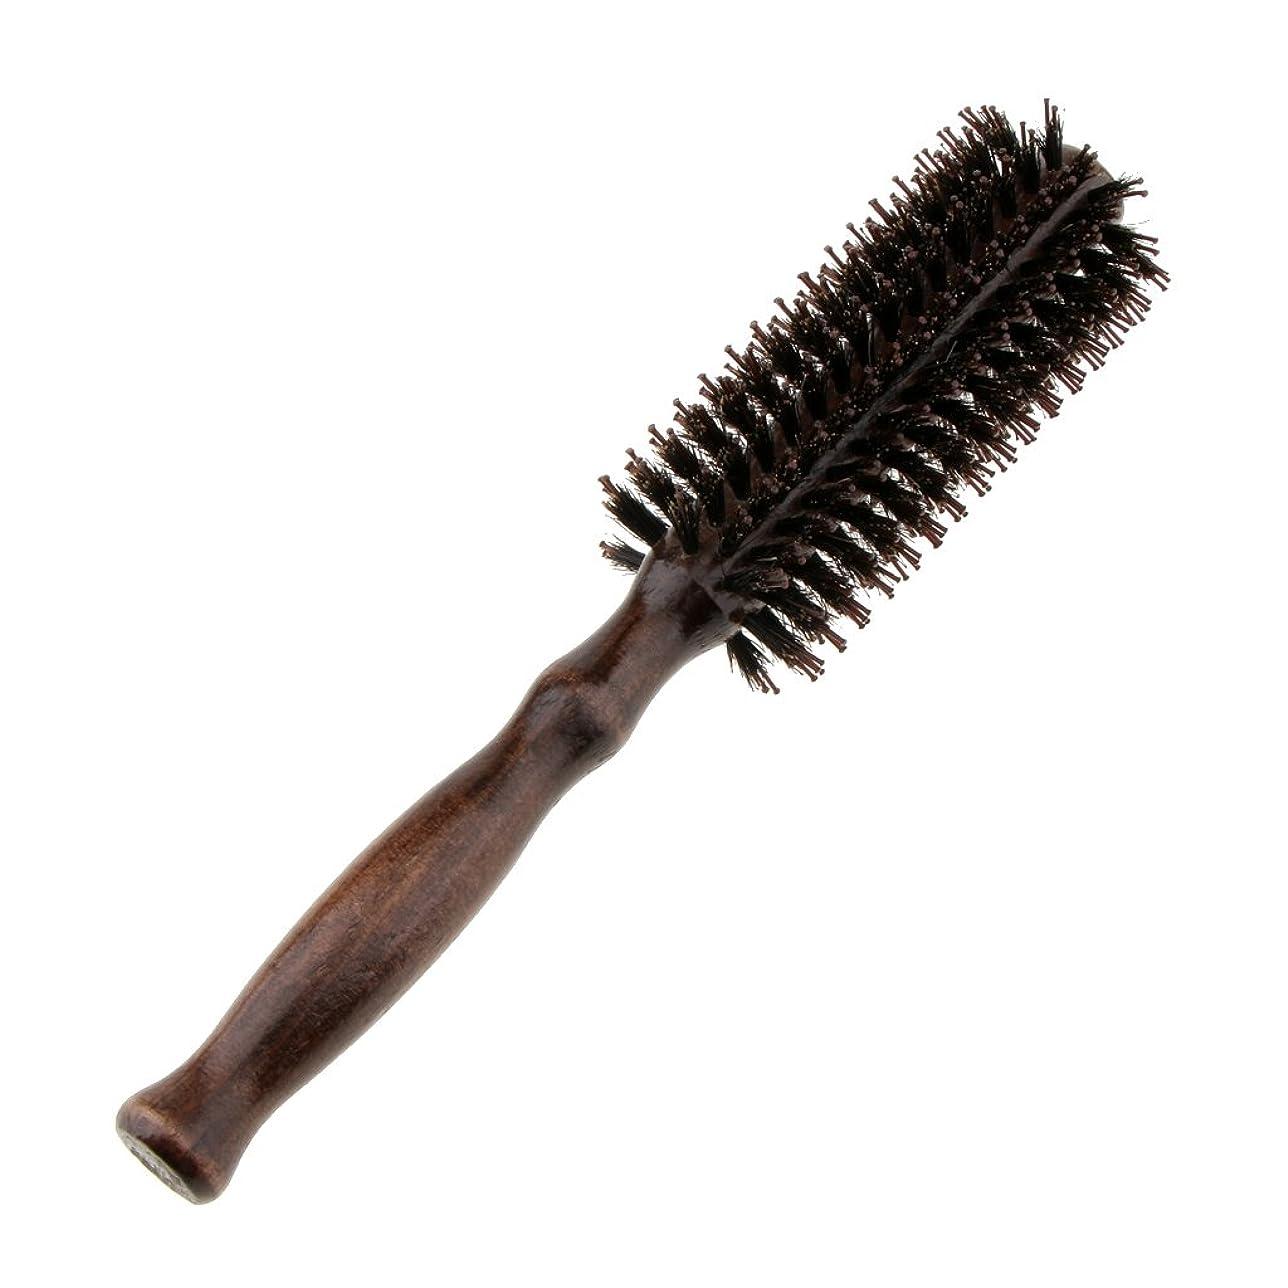 奨励しますバー心理学Homyl ロールブラシ ヘアブラシ ラウンド ウッド ハンドル 理髪 美容 カール 2タイプ選べる - #1